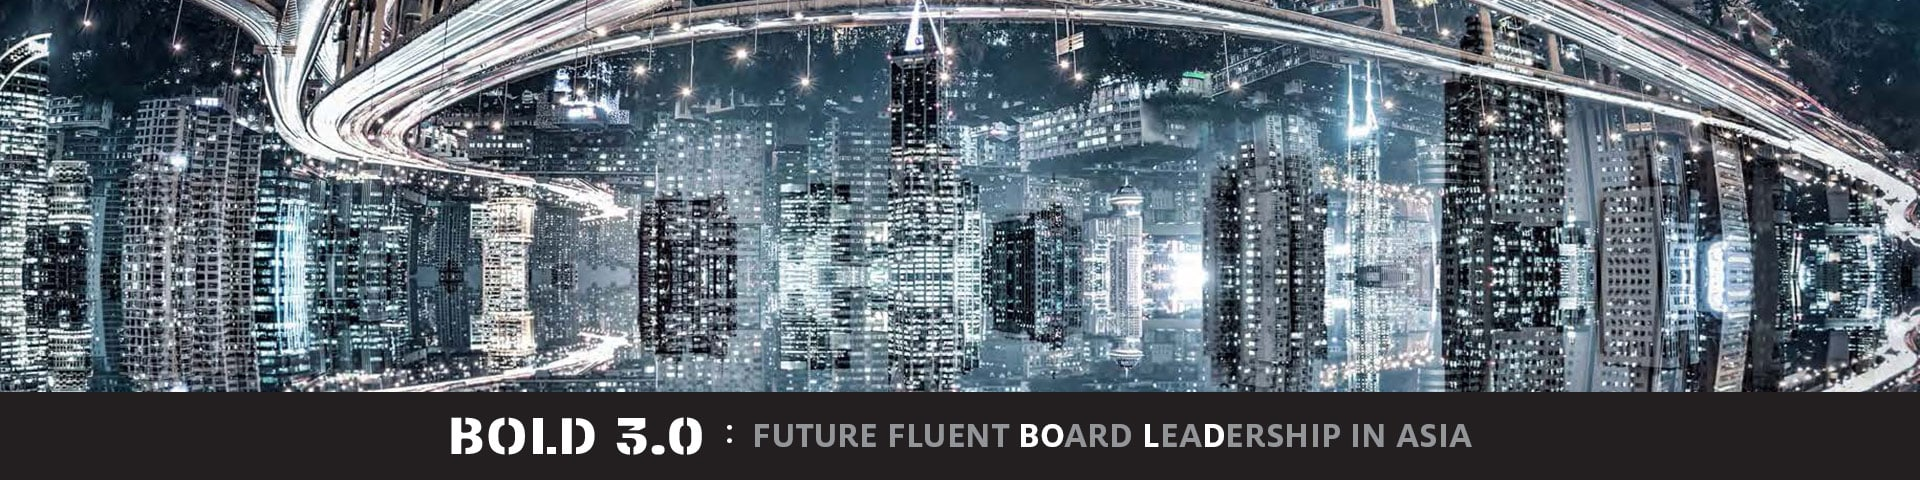 bold 3 future fluent board leadership in asia